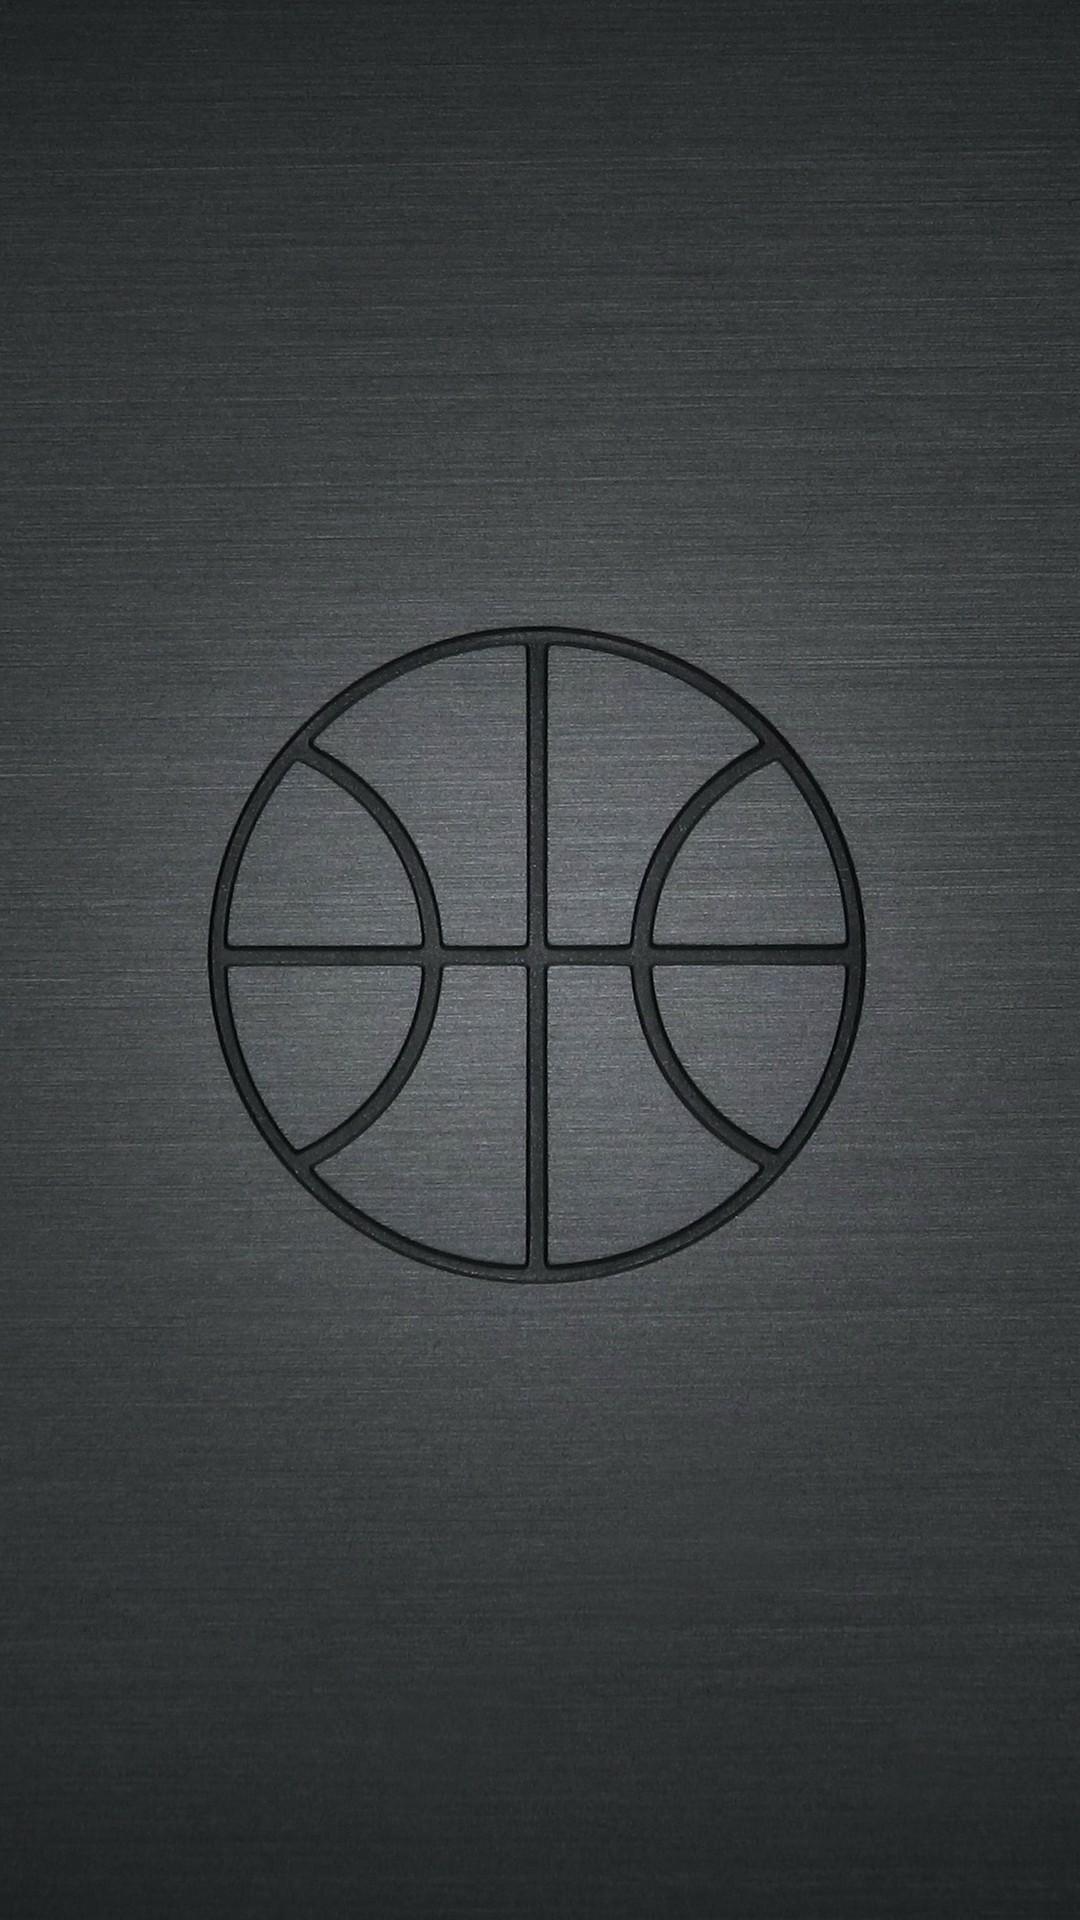 NBA Basketball iPhone 7 Wallpaper 2020 Basketball Wallpaper 1080x1920